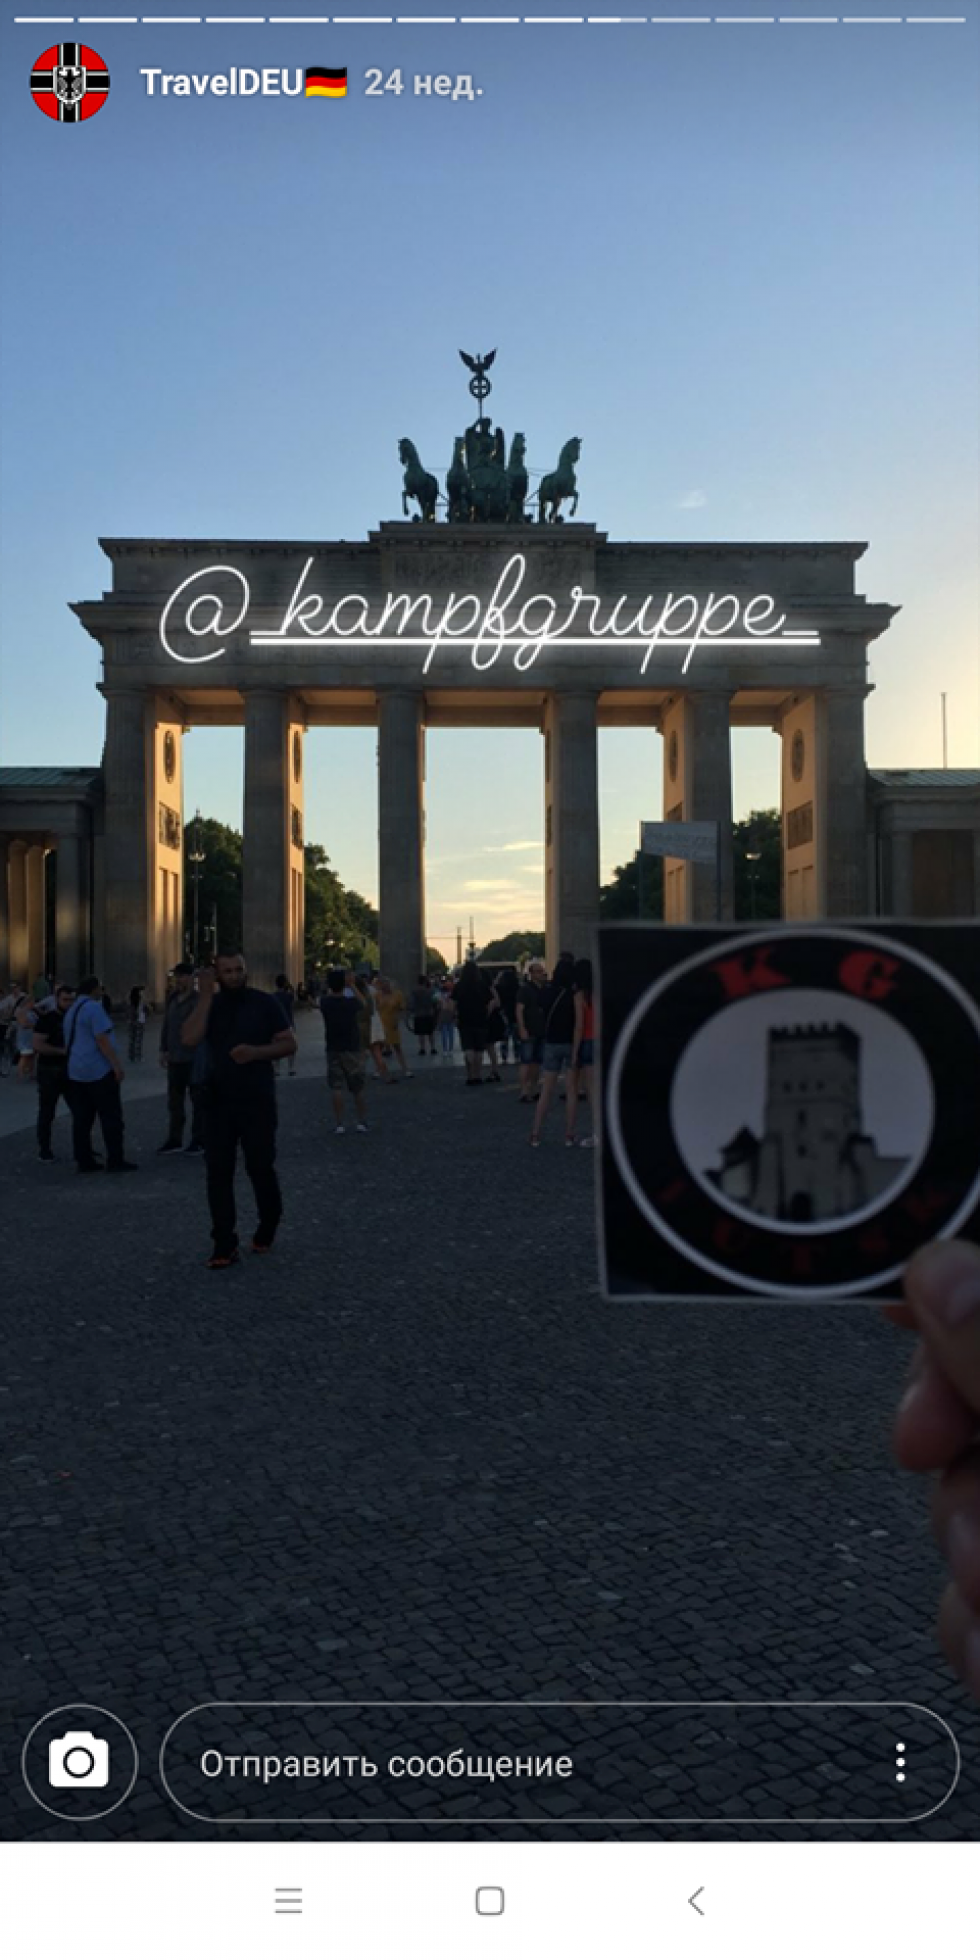 Теж символічне фото. У Німеччині Максим фотографував логотип KampfGruppe